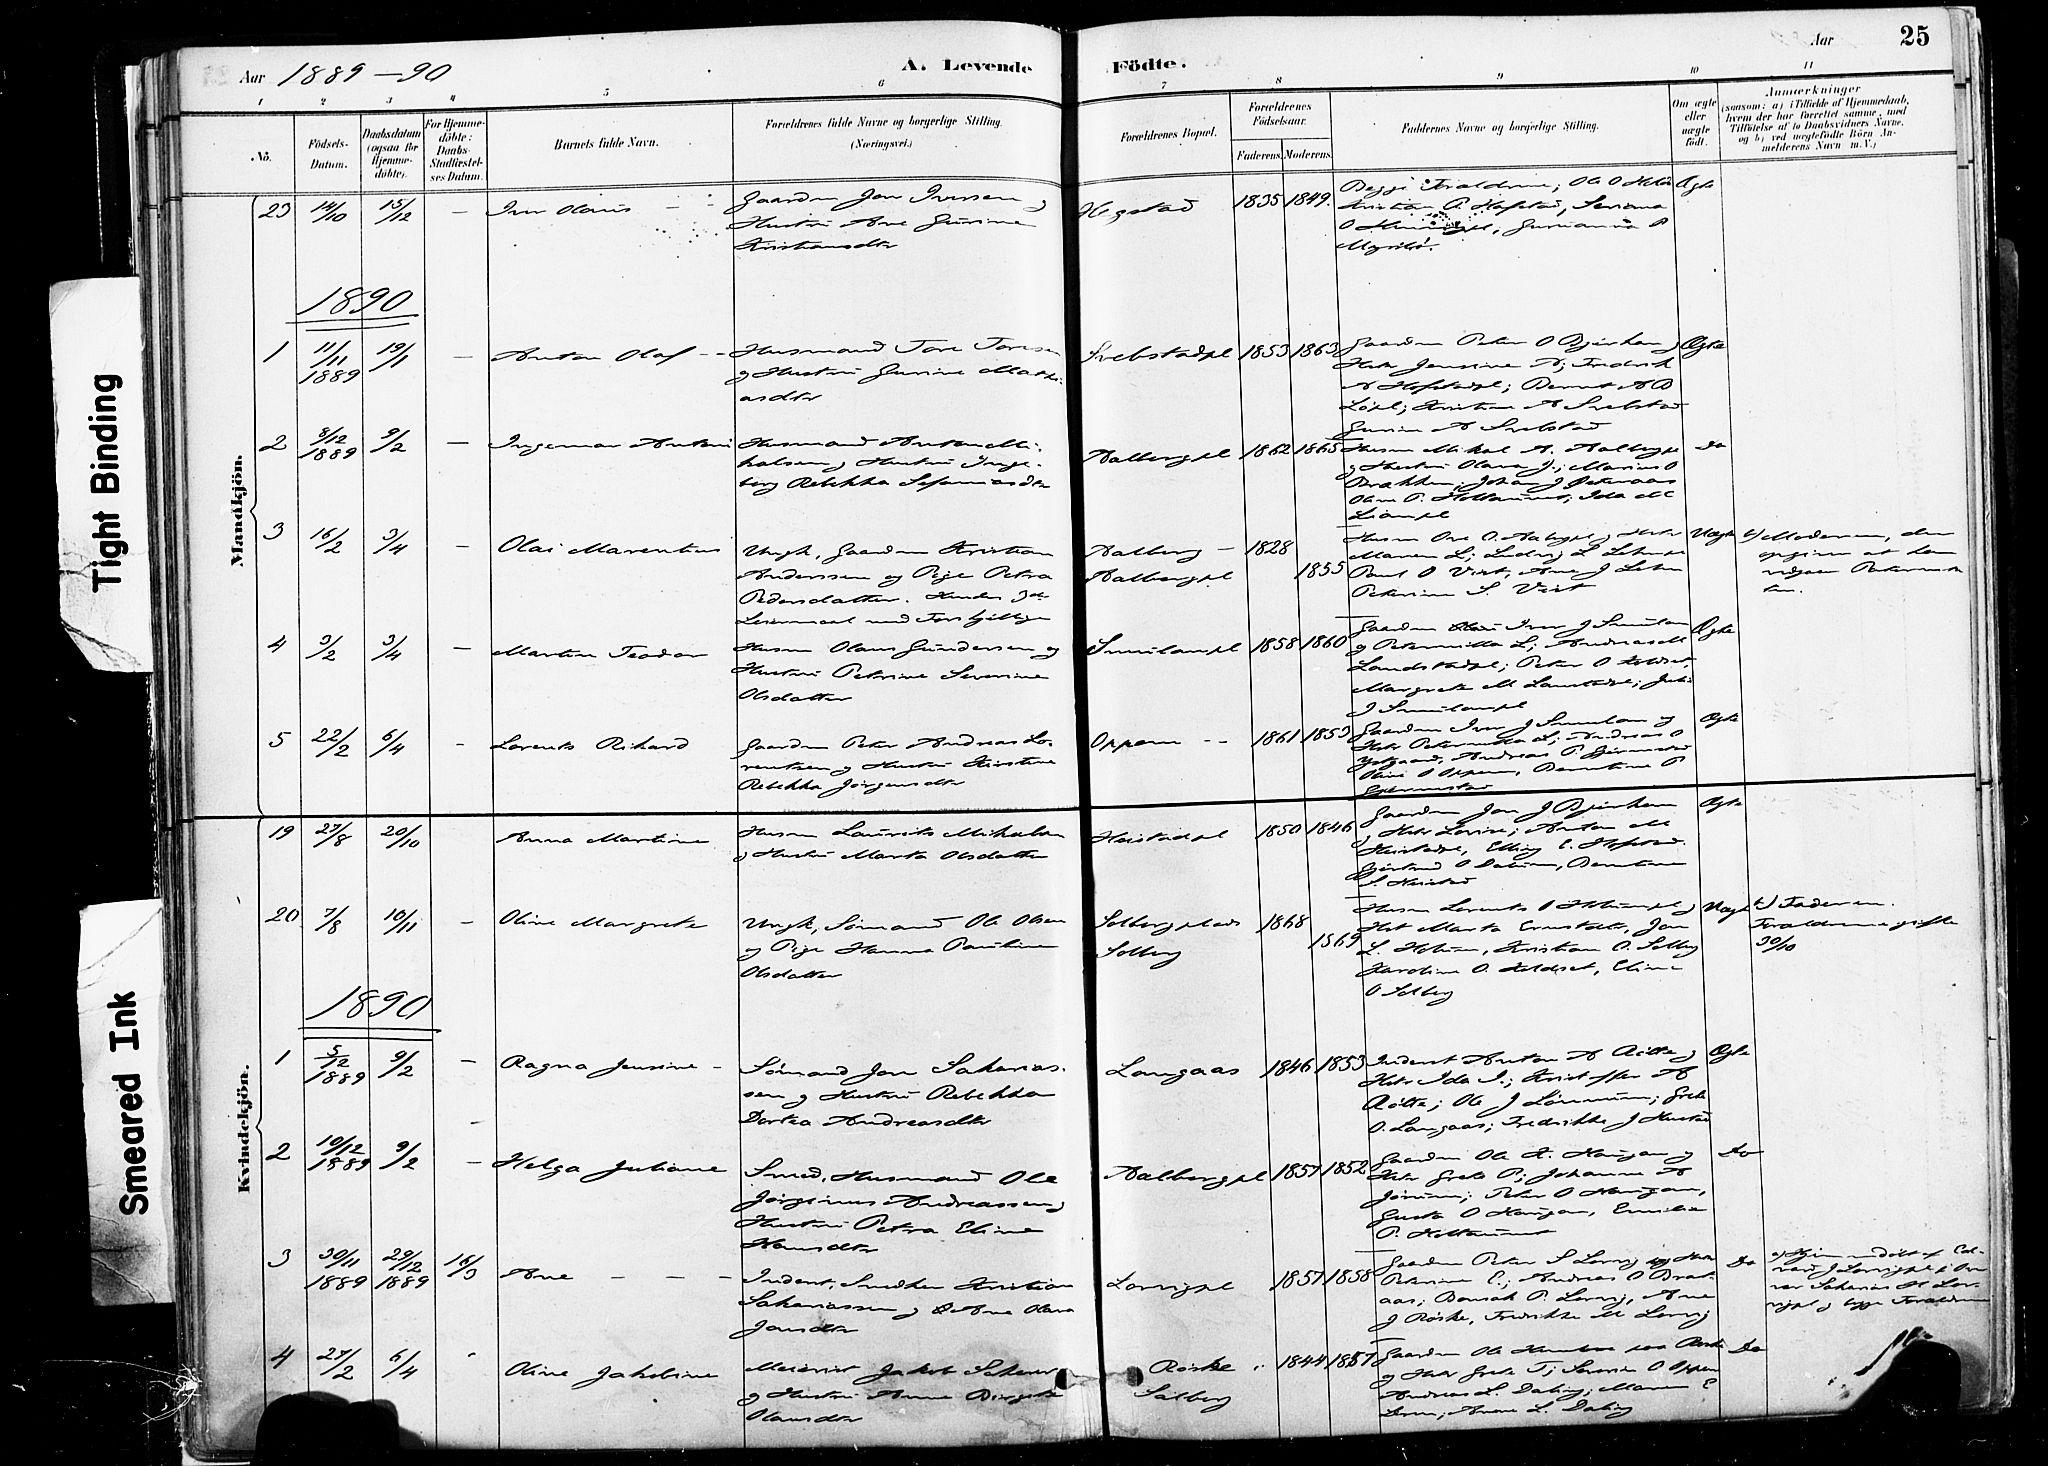 SAT, Ministerialprotokoller, klokkerbøker og fødselsregistre - Nord-Trøndelag, 735/L0351: Ministerialbok nr. 735A10, 1884-1908, s. 25